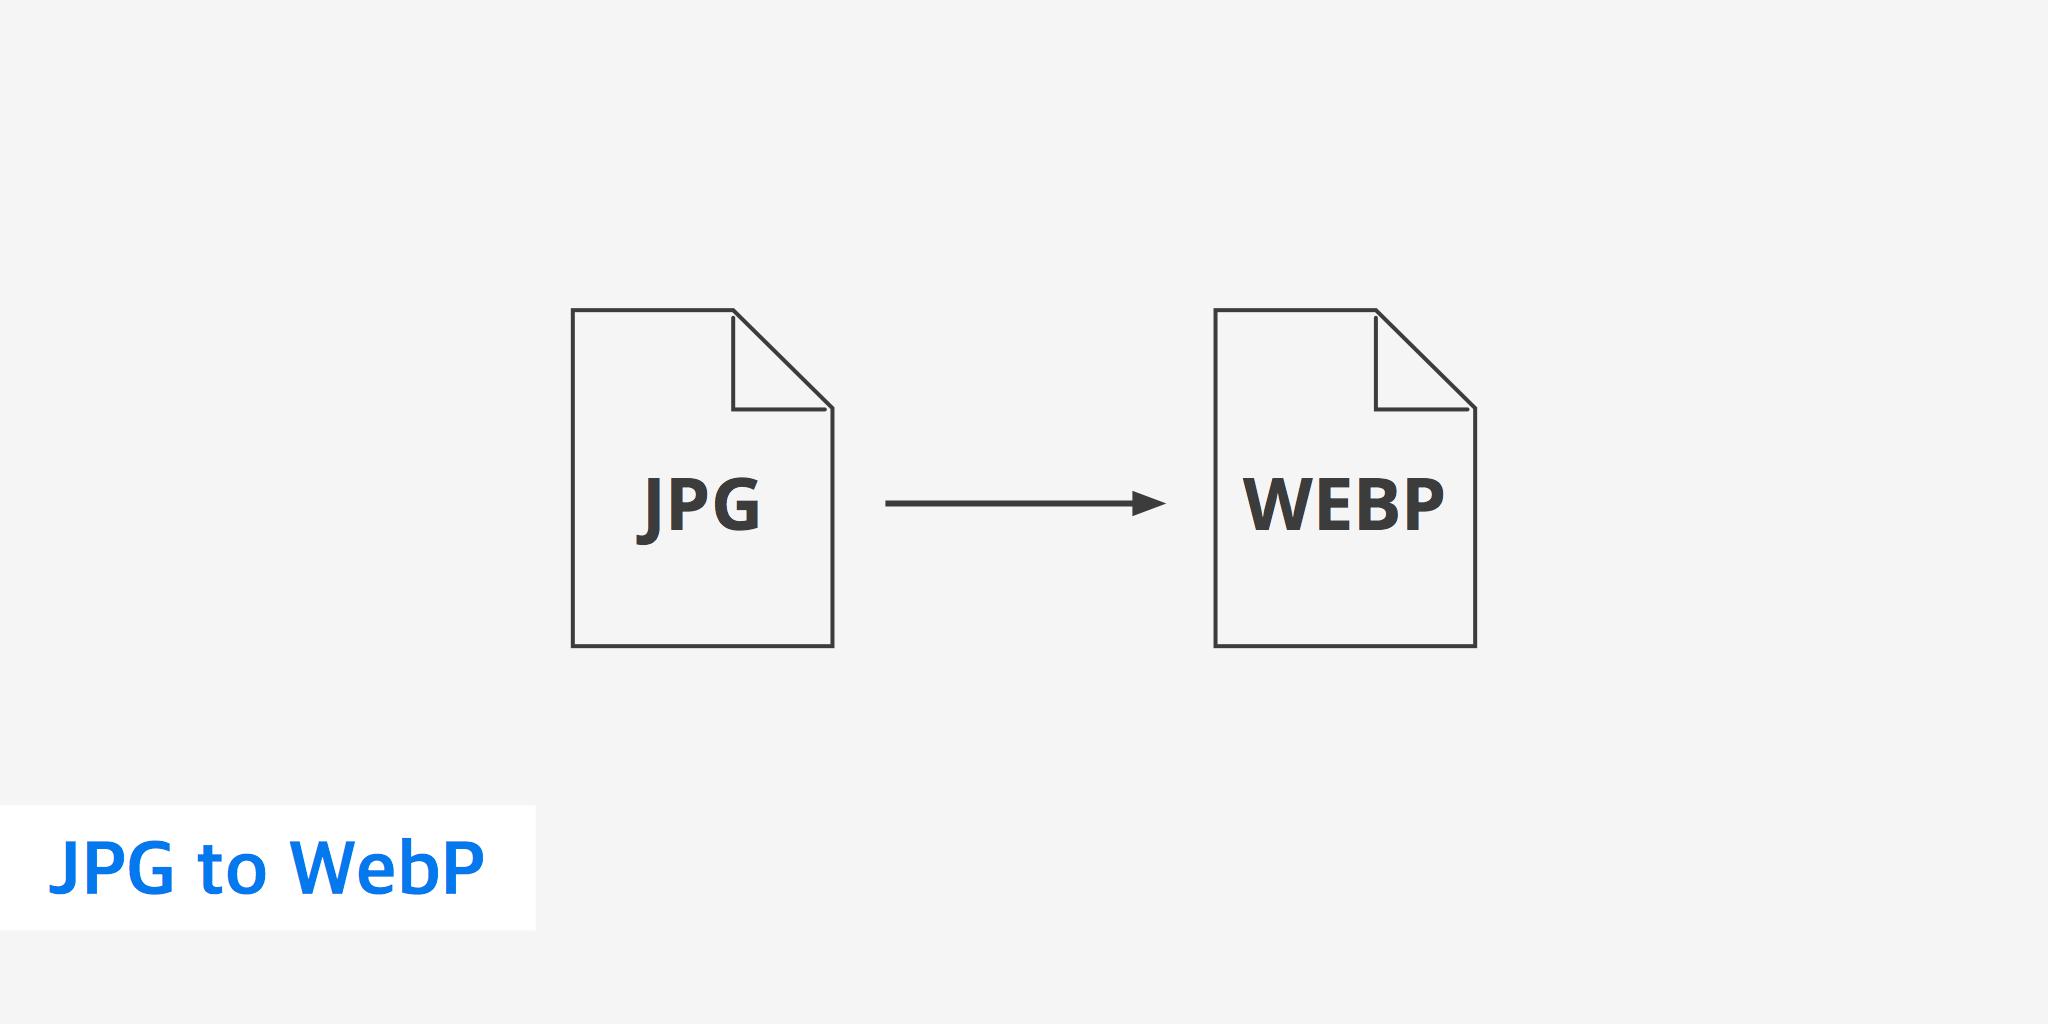 JPG to WebP.